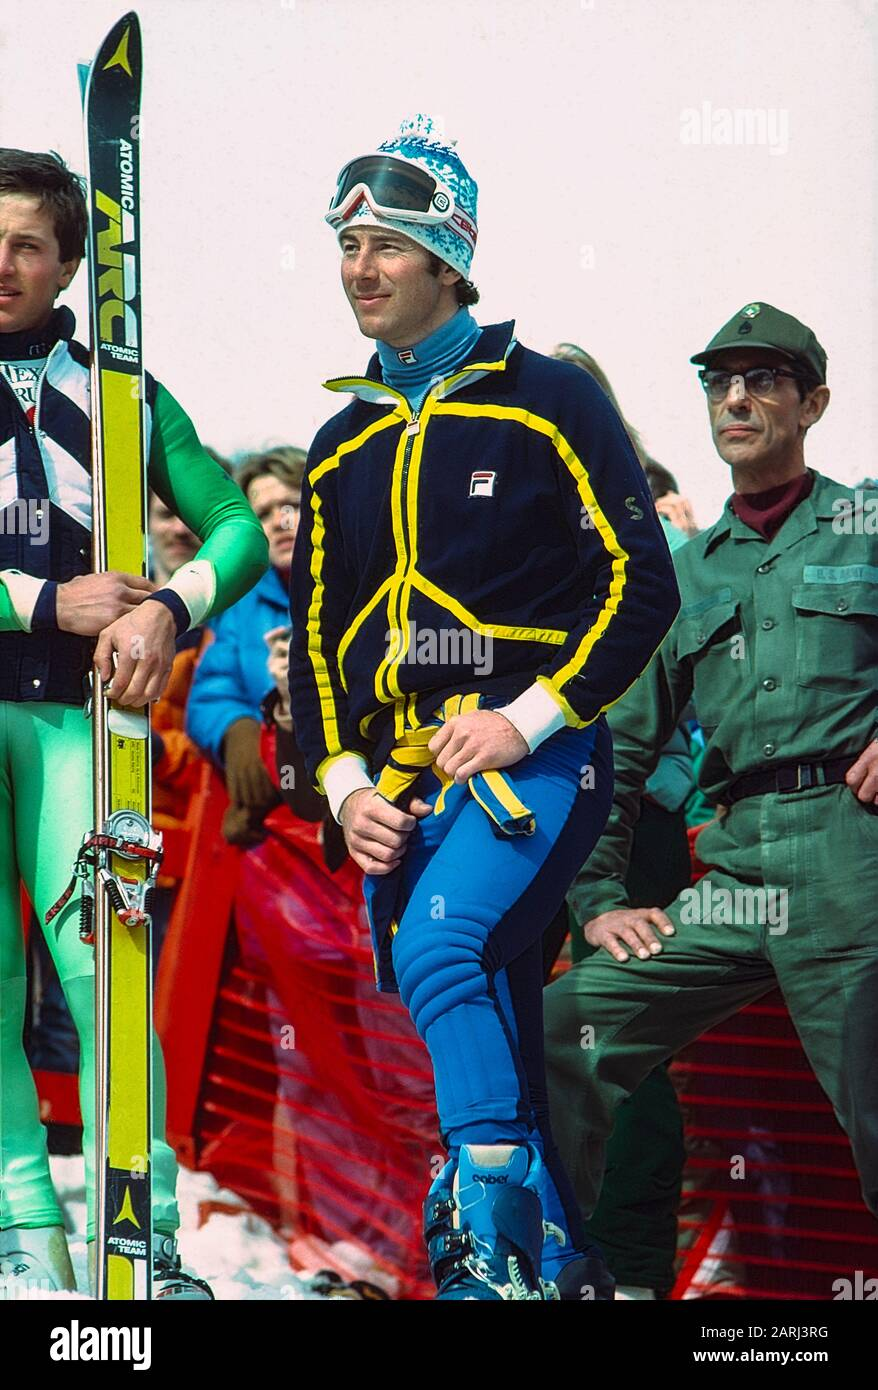 Ingmar Stenmark, de Suecia, ganador de la medalla de oro en el slalom gigante en la Copa del Mundo de 1979, Lake Placid, NY Foto de stock